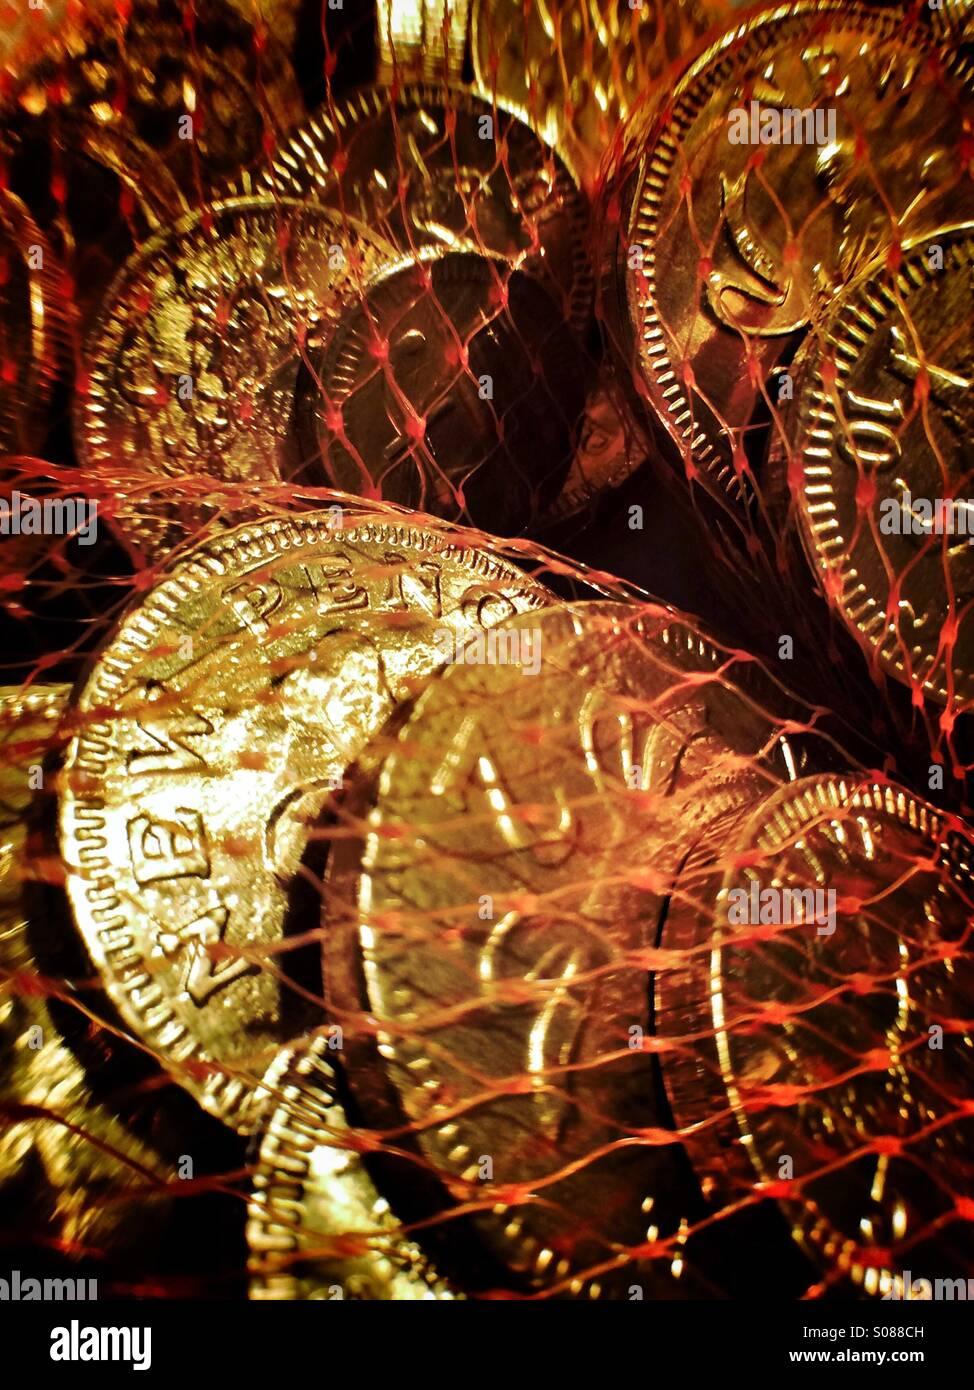 Schokoladen-Münzen Stockfoto